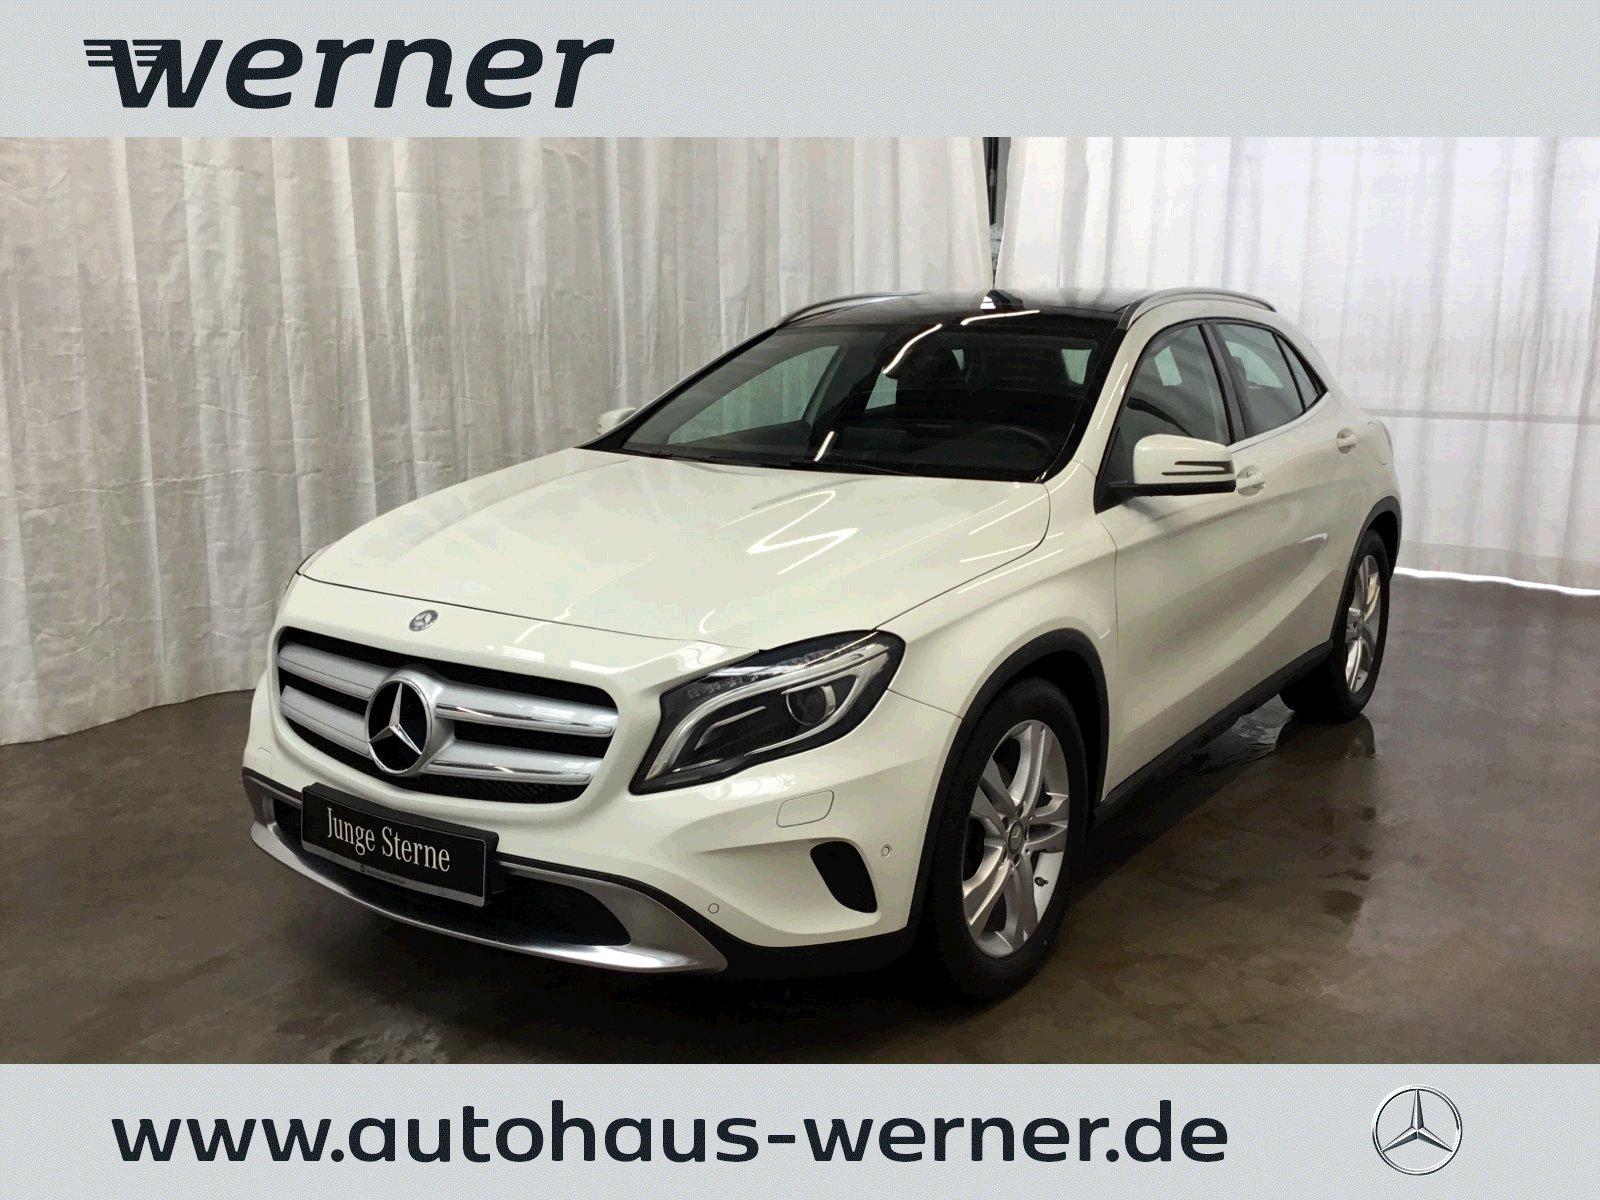 """Mercedes-Benz GLA 200 Urban 7G-DCT+Pano+Bi-Xenon+AHK+Park+18""""+, Jahr 2015, petrol"""